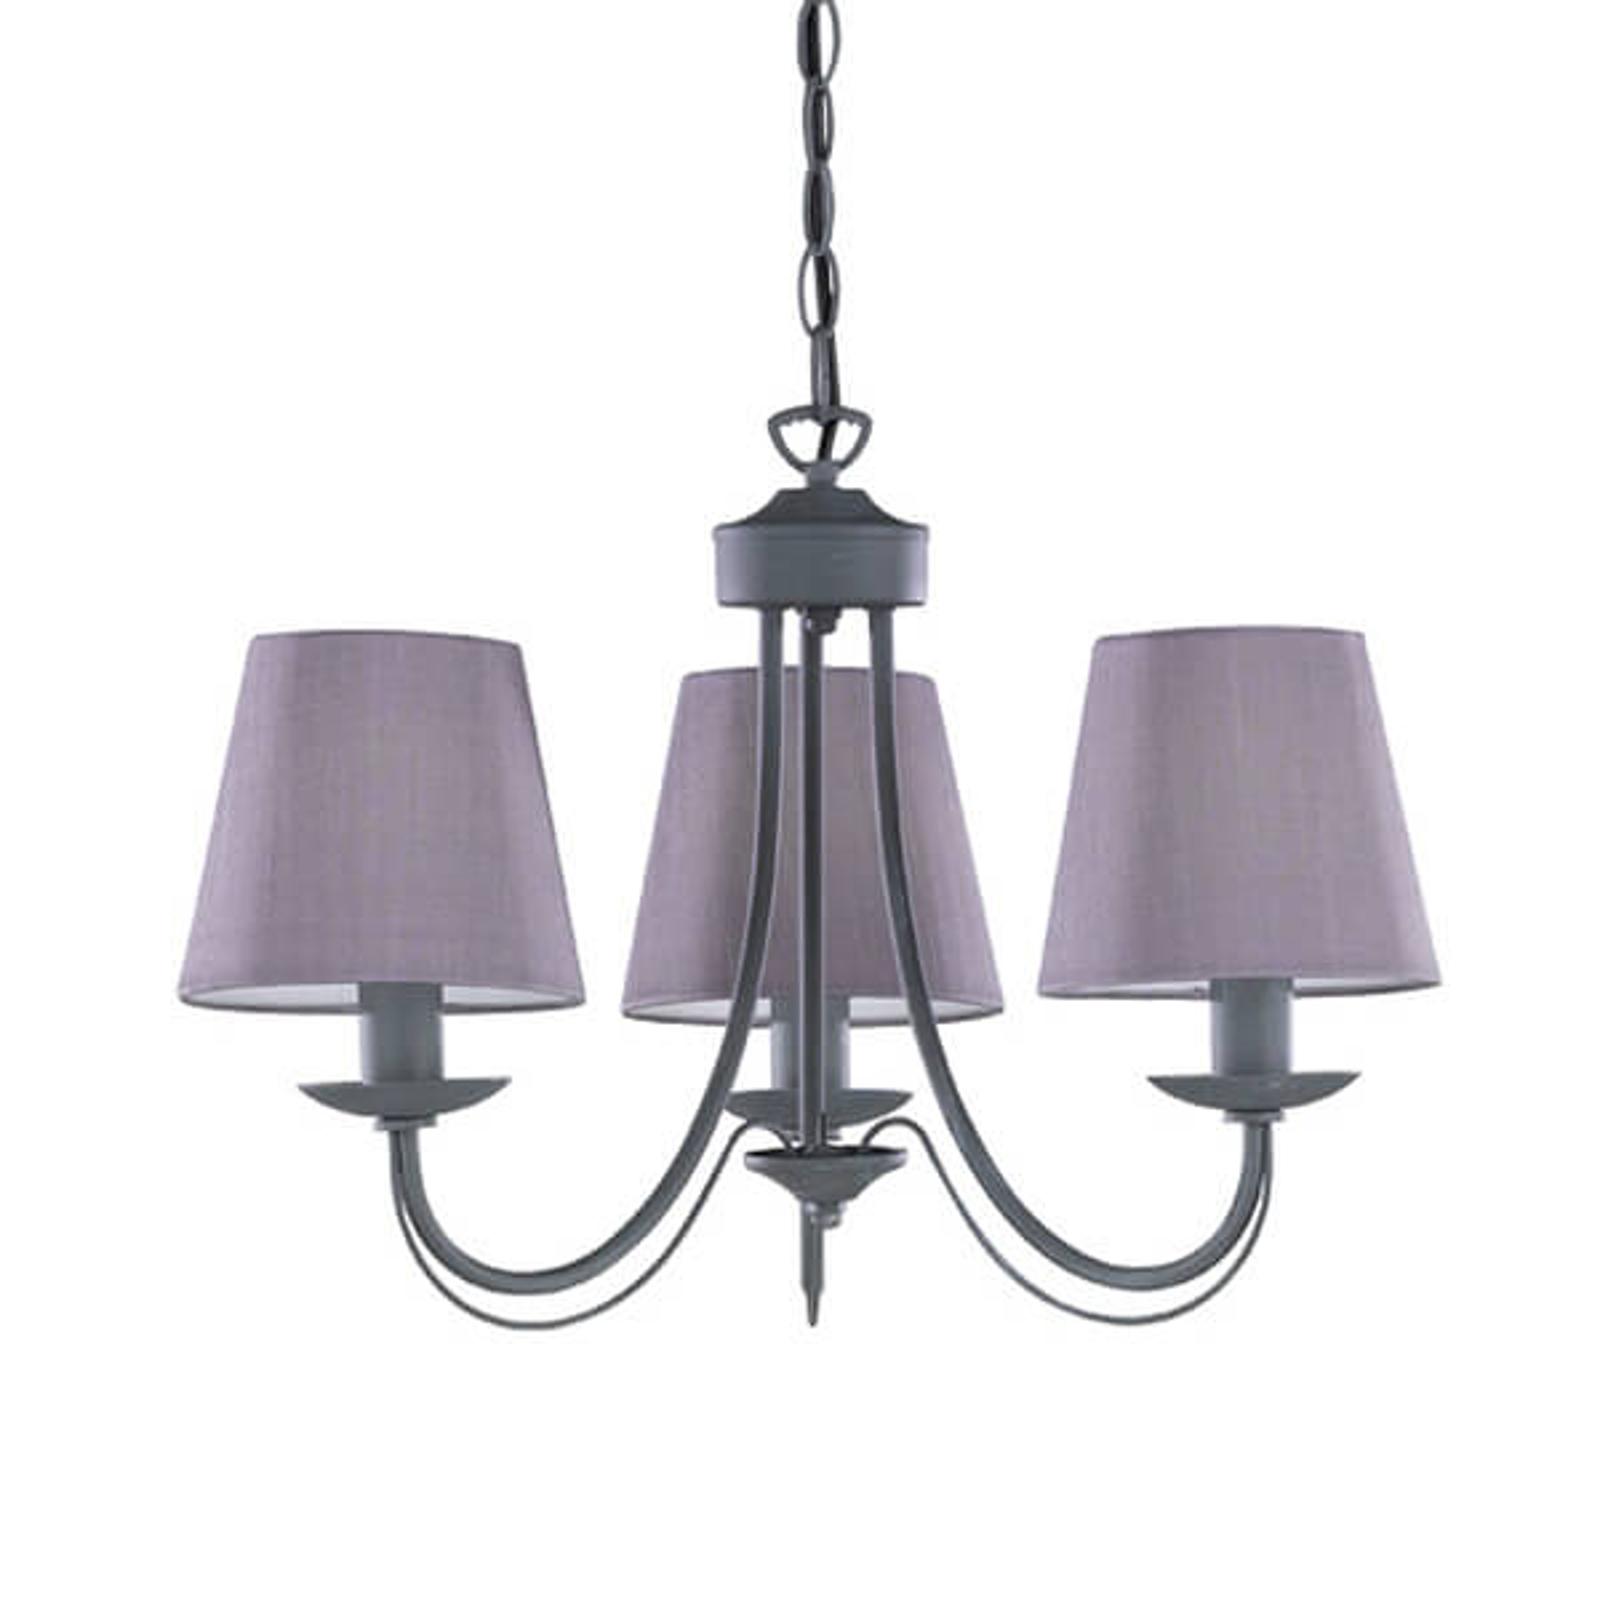 Lustr Cortez, šedý, 3 žárovky